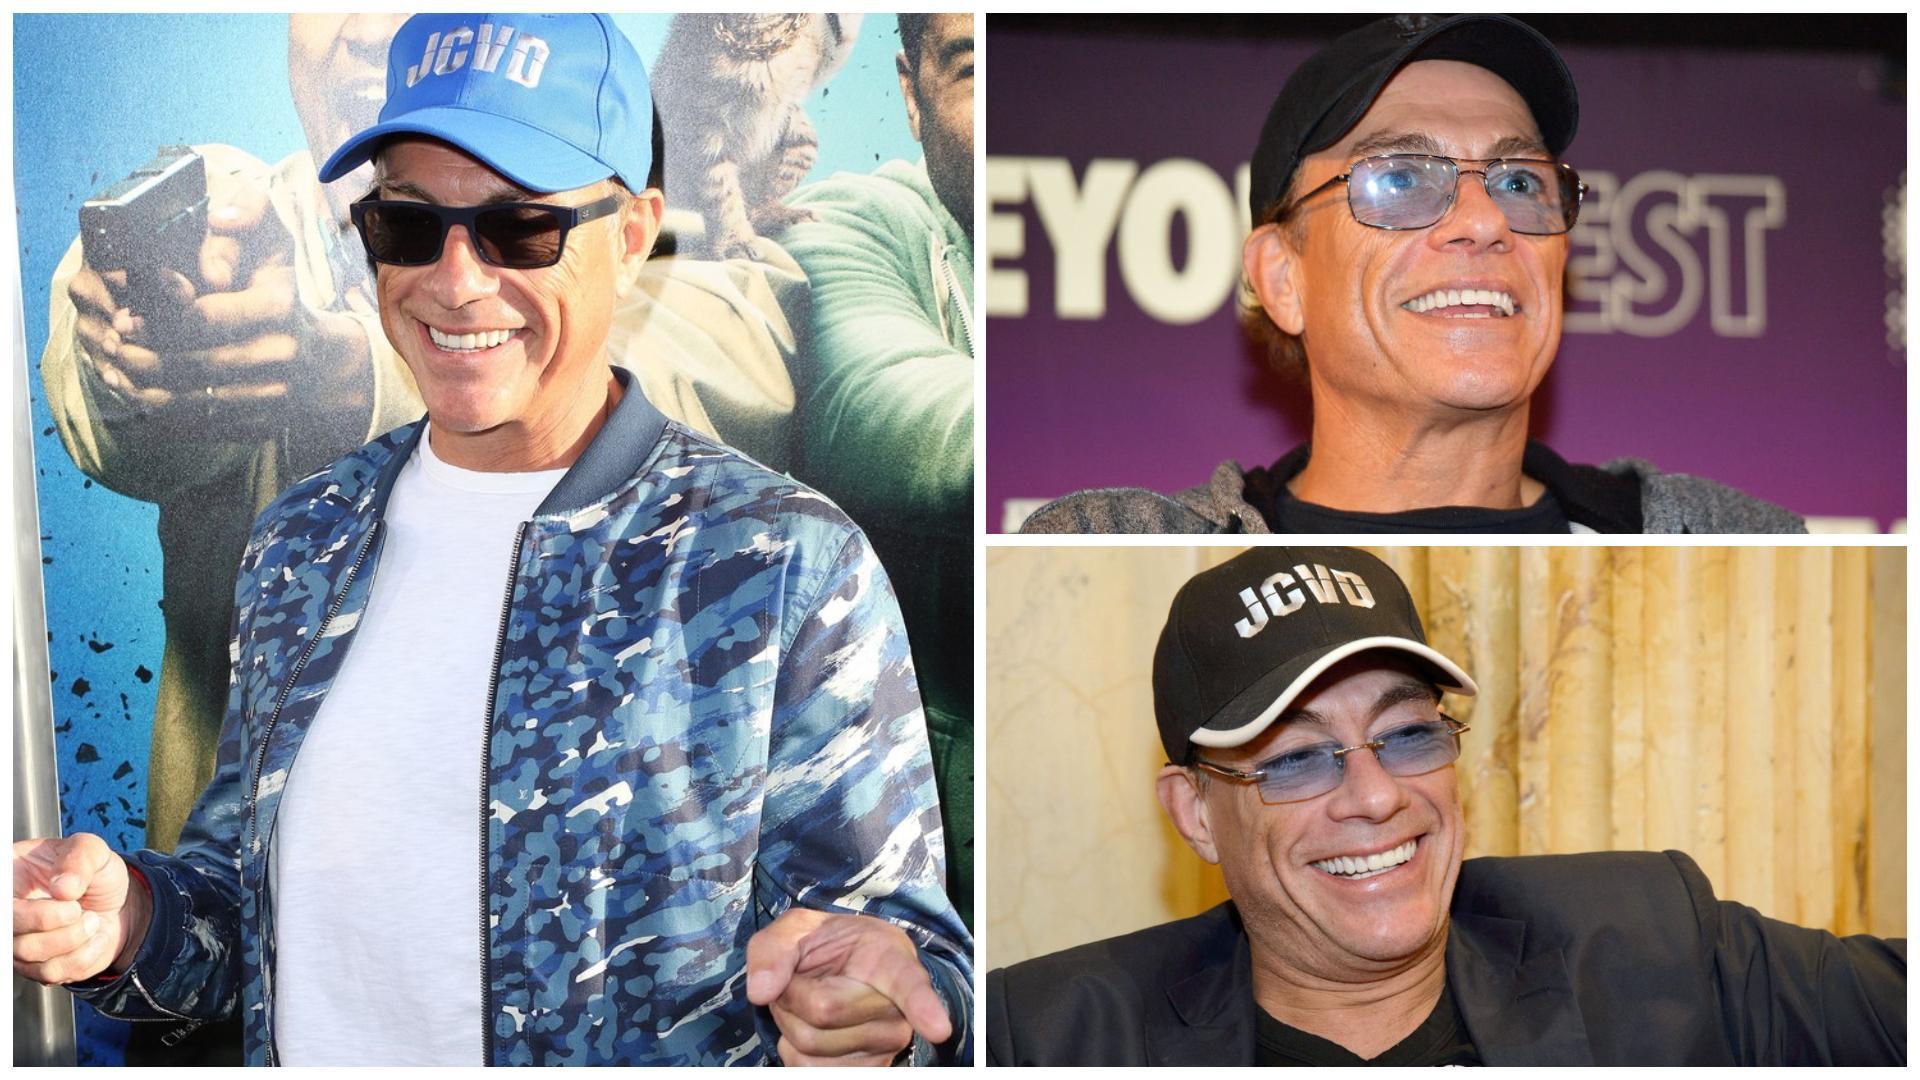 Colaj cu Jean Claude Van Damme, purtând șapcă cu inscripția JCVD